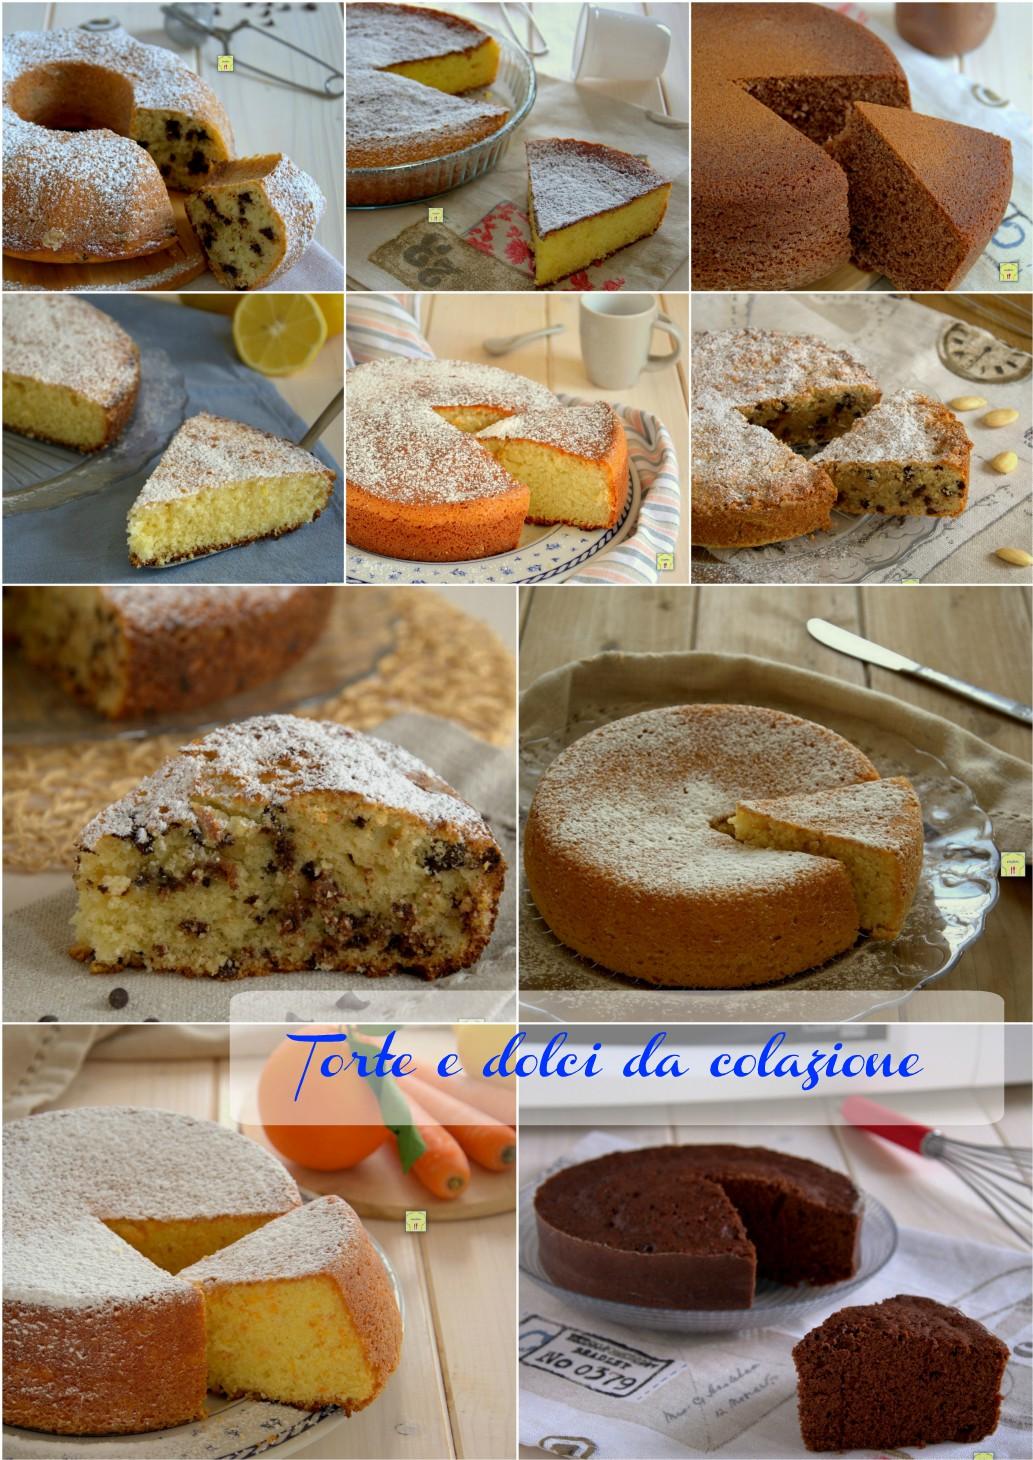 torte e dolci da colazione gp